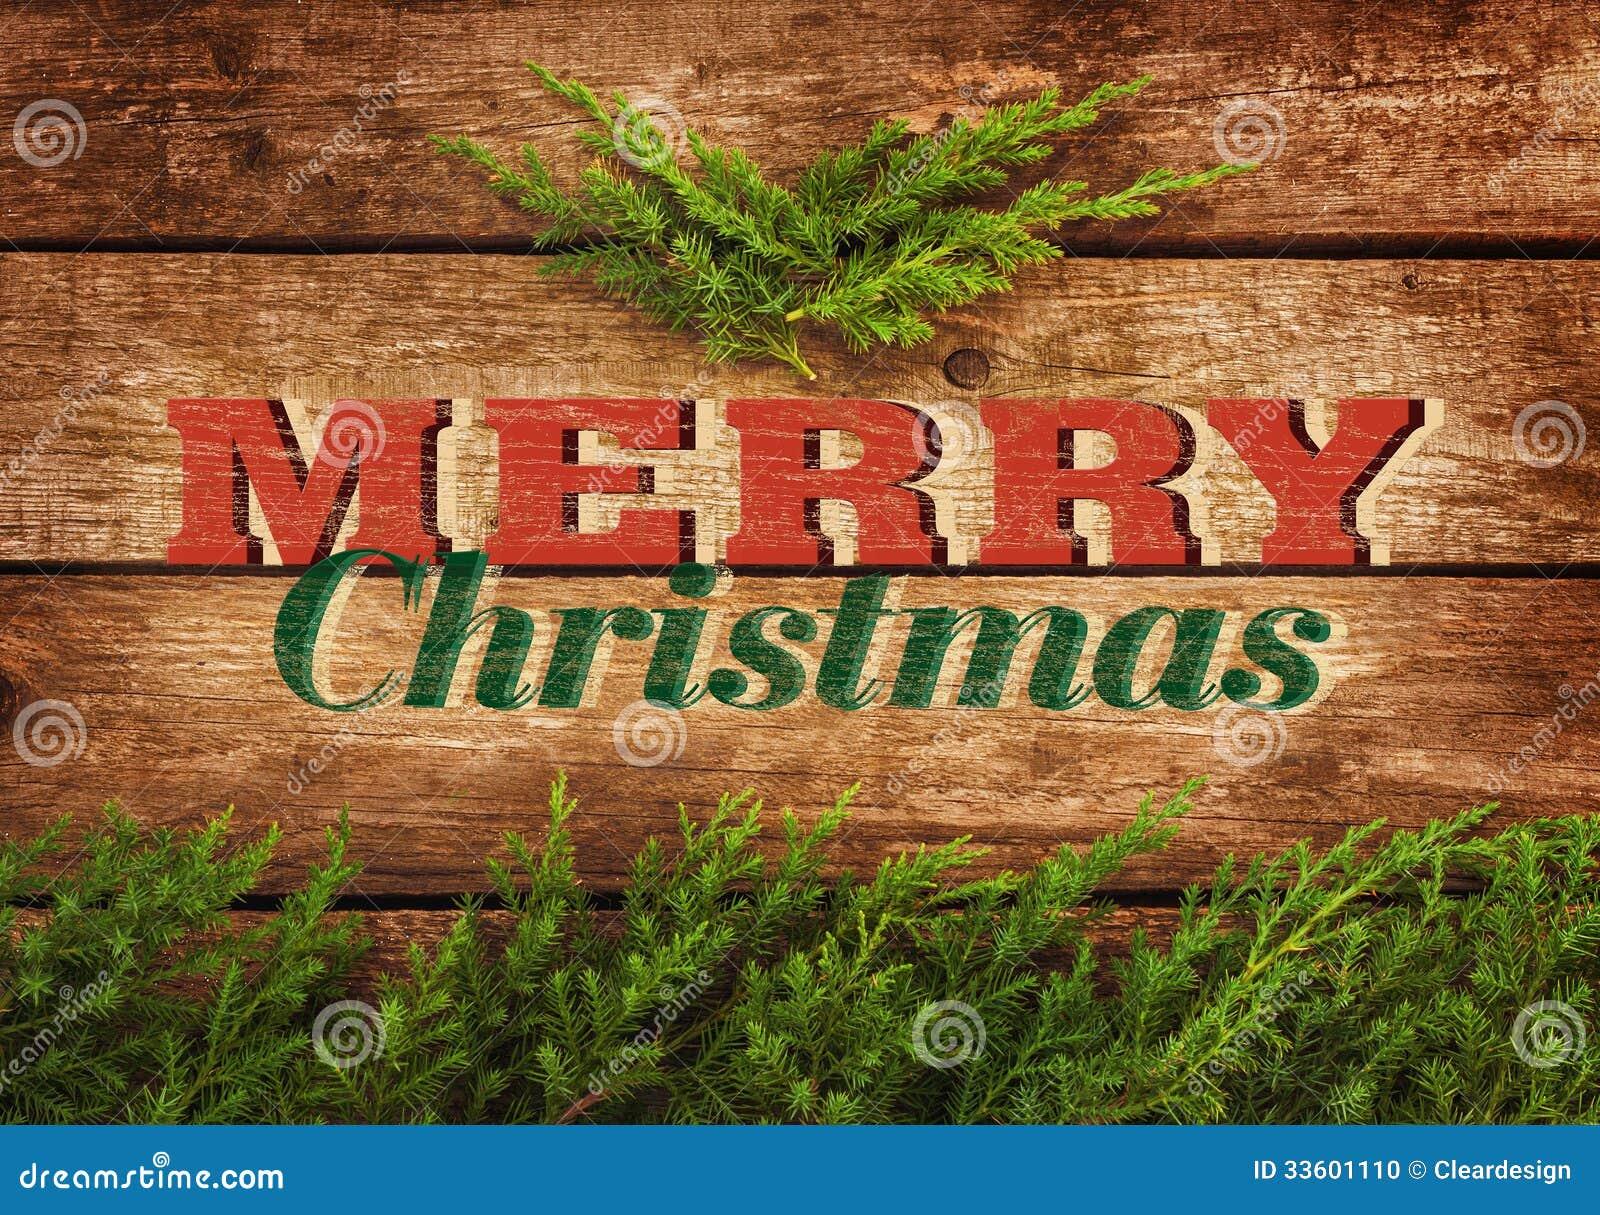 Xmas poster design - Board Branch Christmas Design